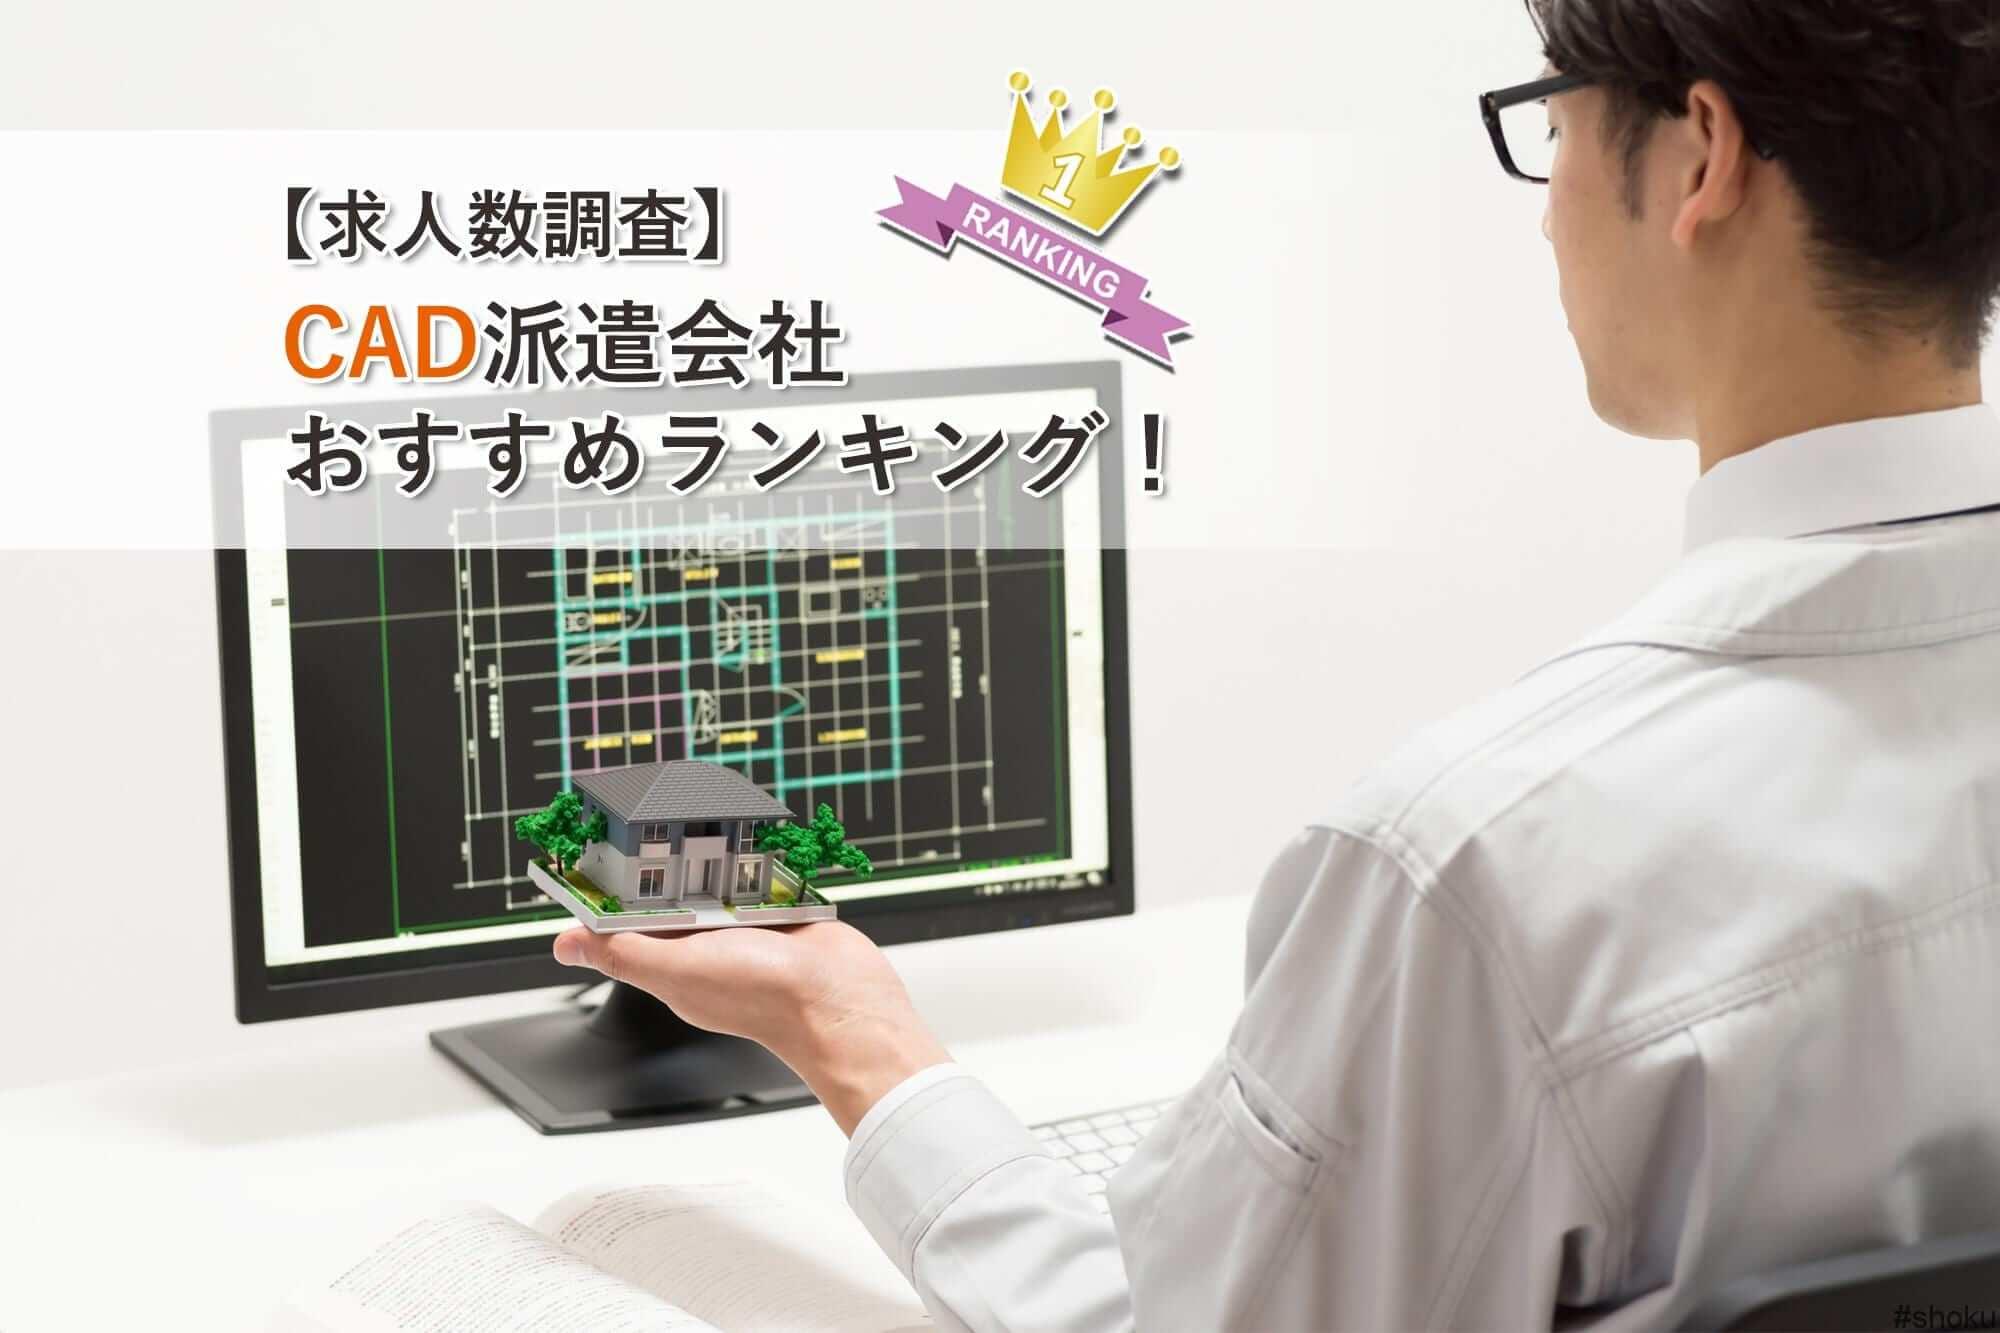 【派遣のプロが教える】CAD派遣会社おすすめランキング!